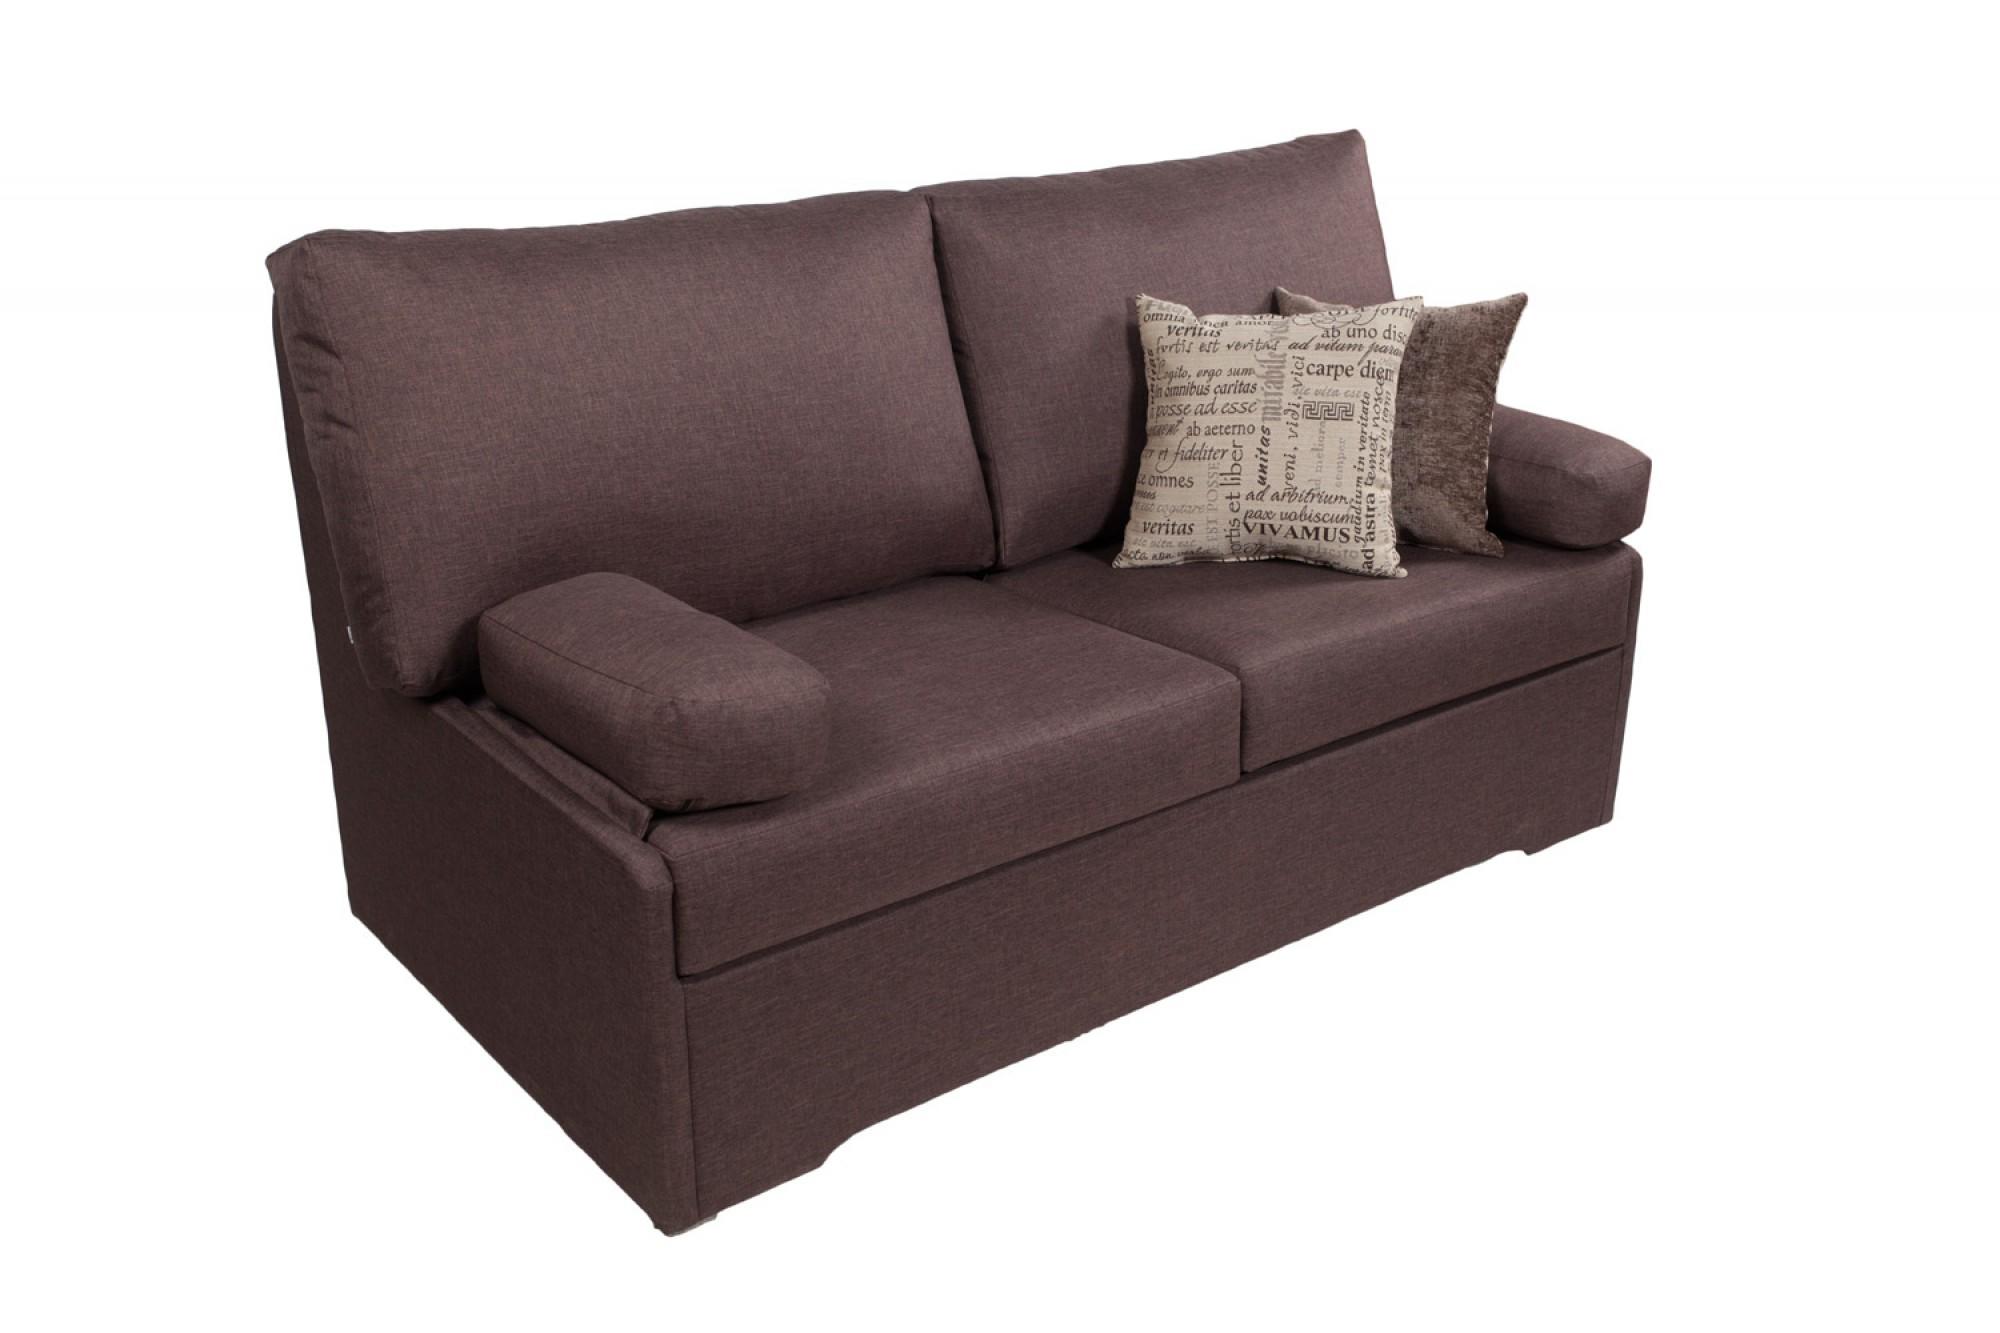 Sofas beds - sb100berry039